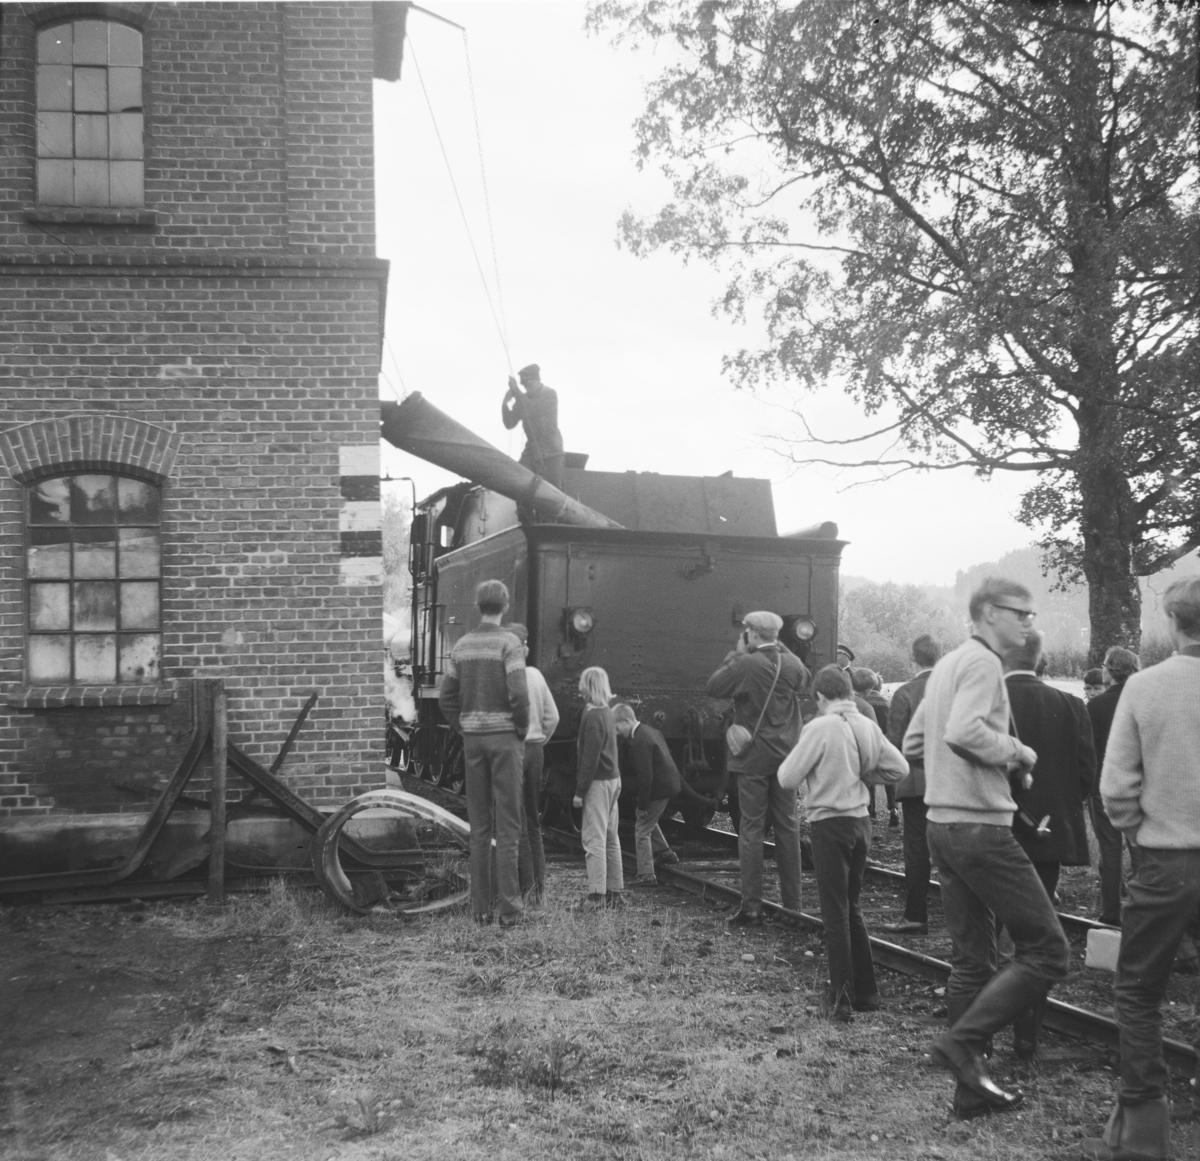 A/L Hølandsbanens veterantog har ankommet Krøderen stasjon. Damplok 18c 245 fyller vann fra .